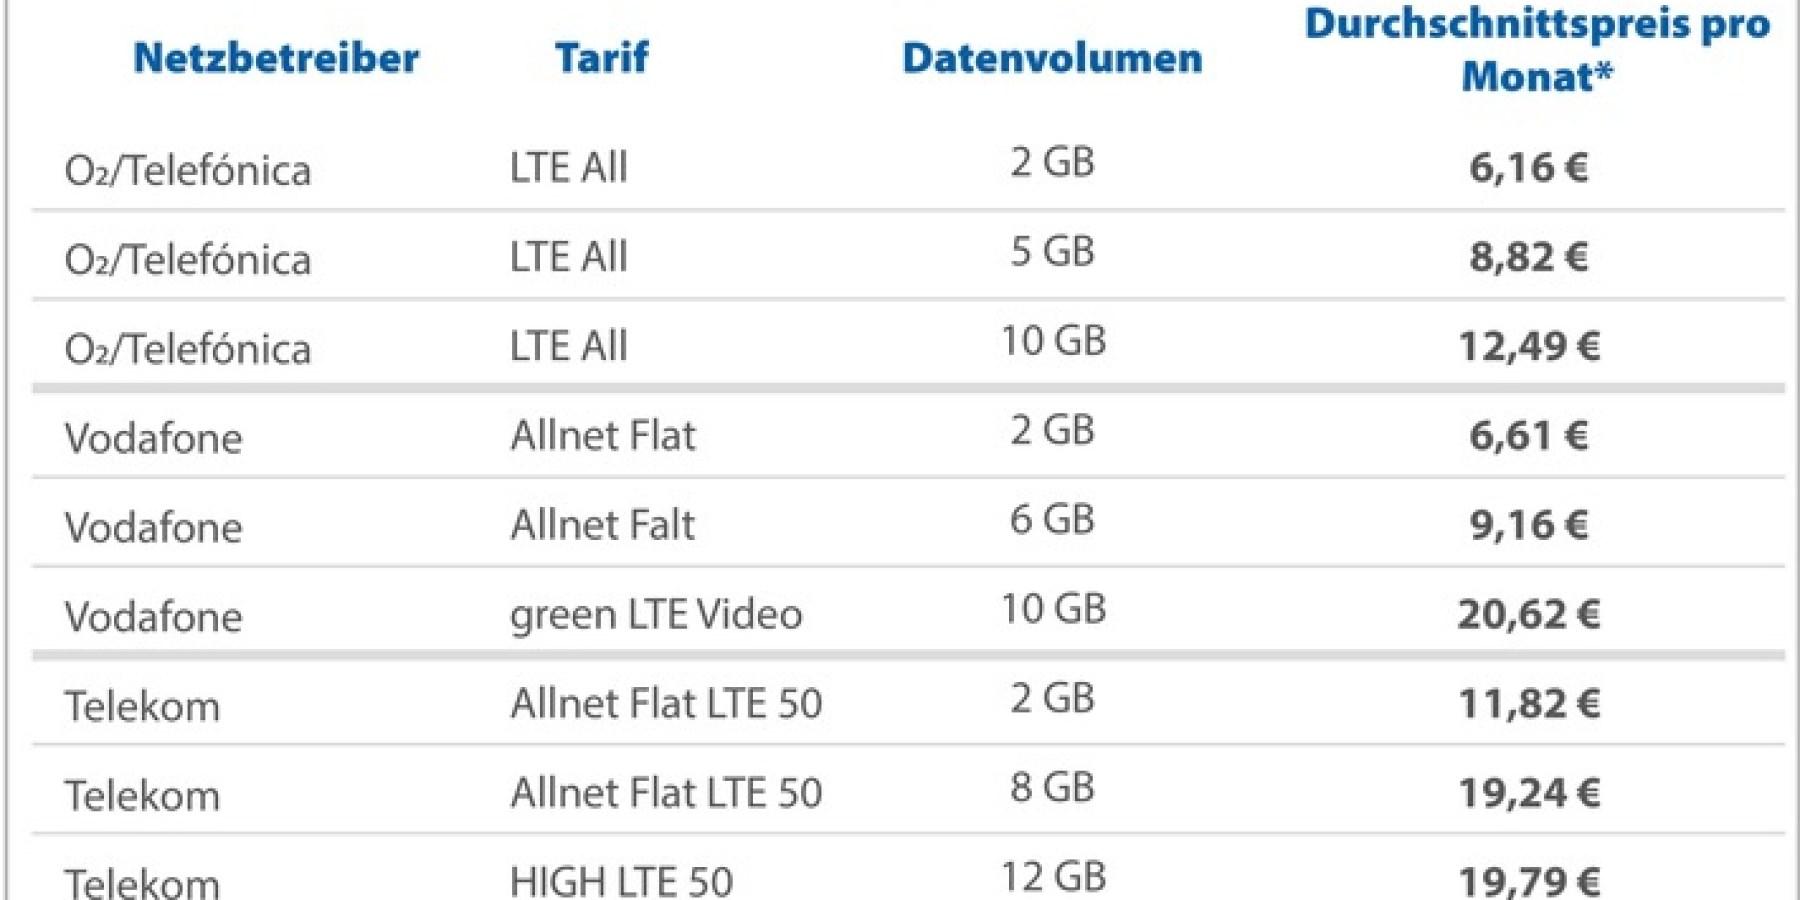 3G-Abschaltung: Das sollten Mobilfunkkunden jetzt beachten